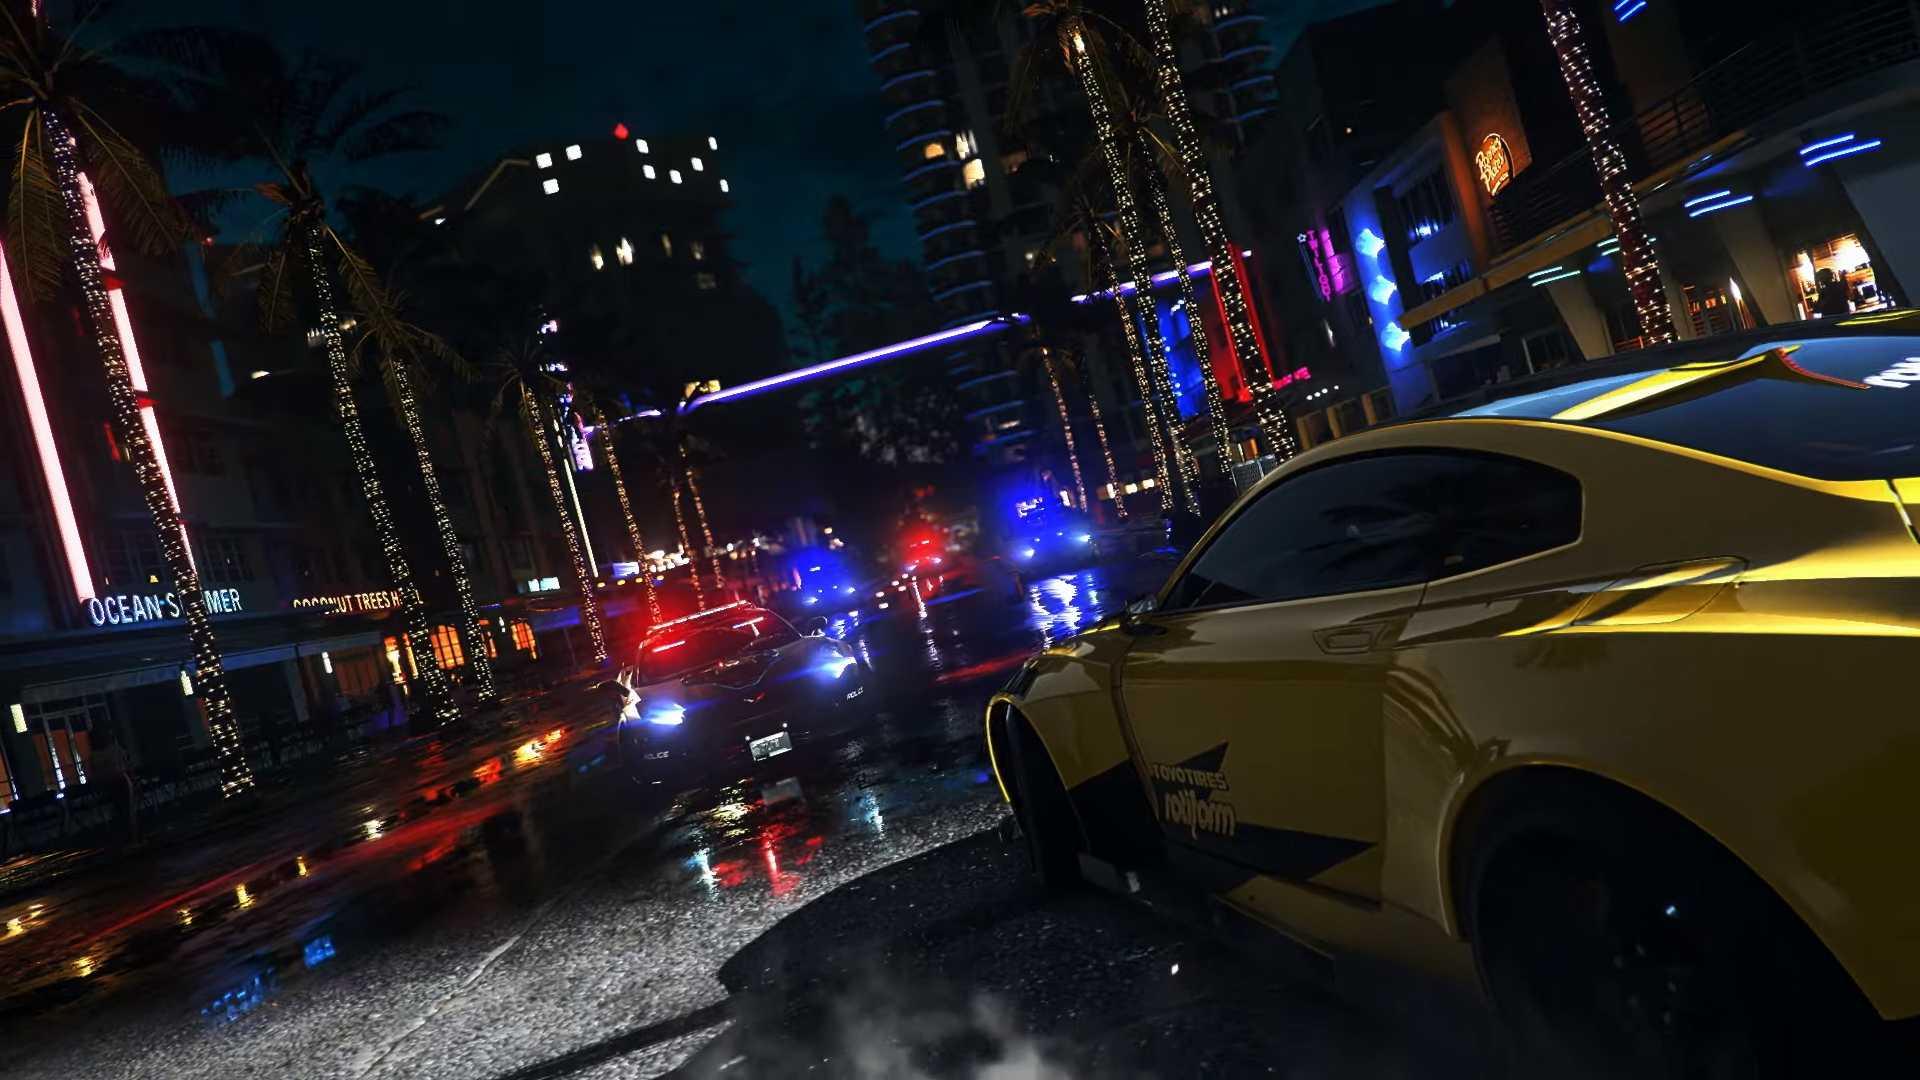 2 часа геймплея Need for Speed Heat — головокружительные погони, великолепная графика идетальный тюнинг